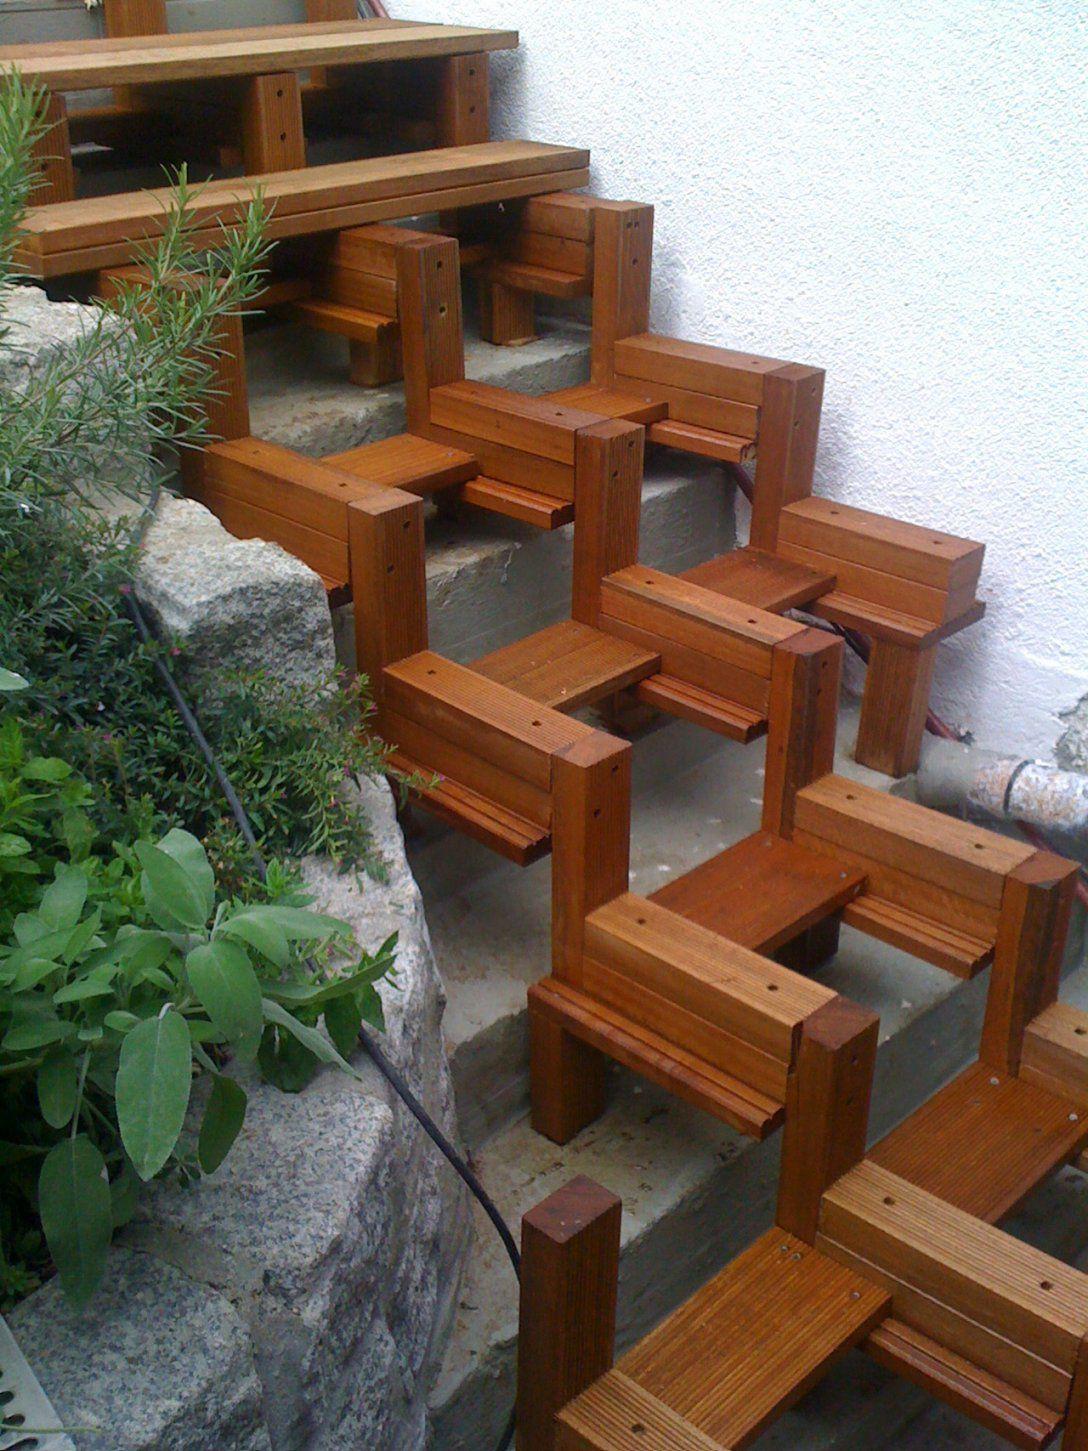 Treppe Auen Einzigartig Eine Treppe Aus Holz Wir Bauen Treppen In von Treppe Im Garten Selbst Bauen Bild